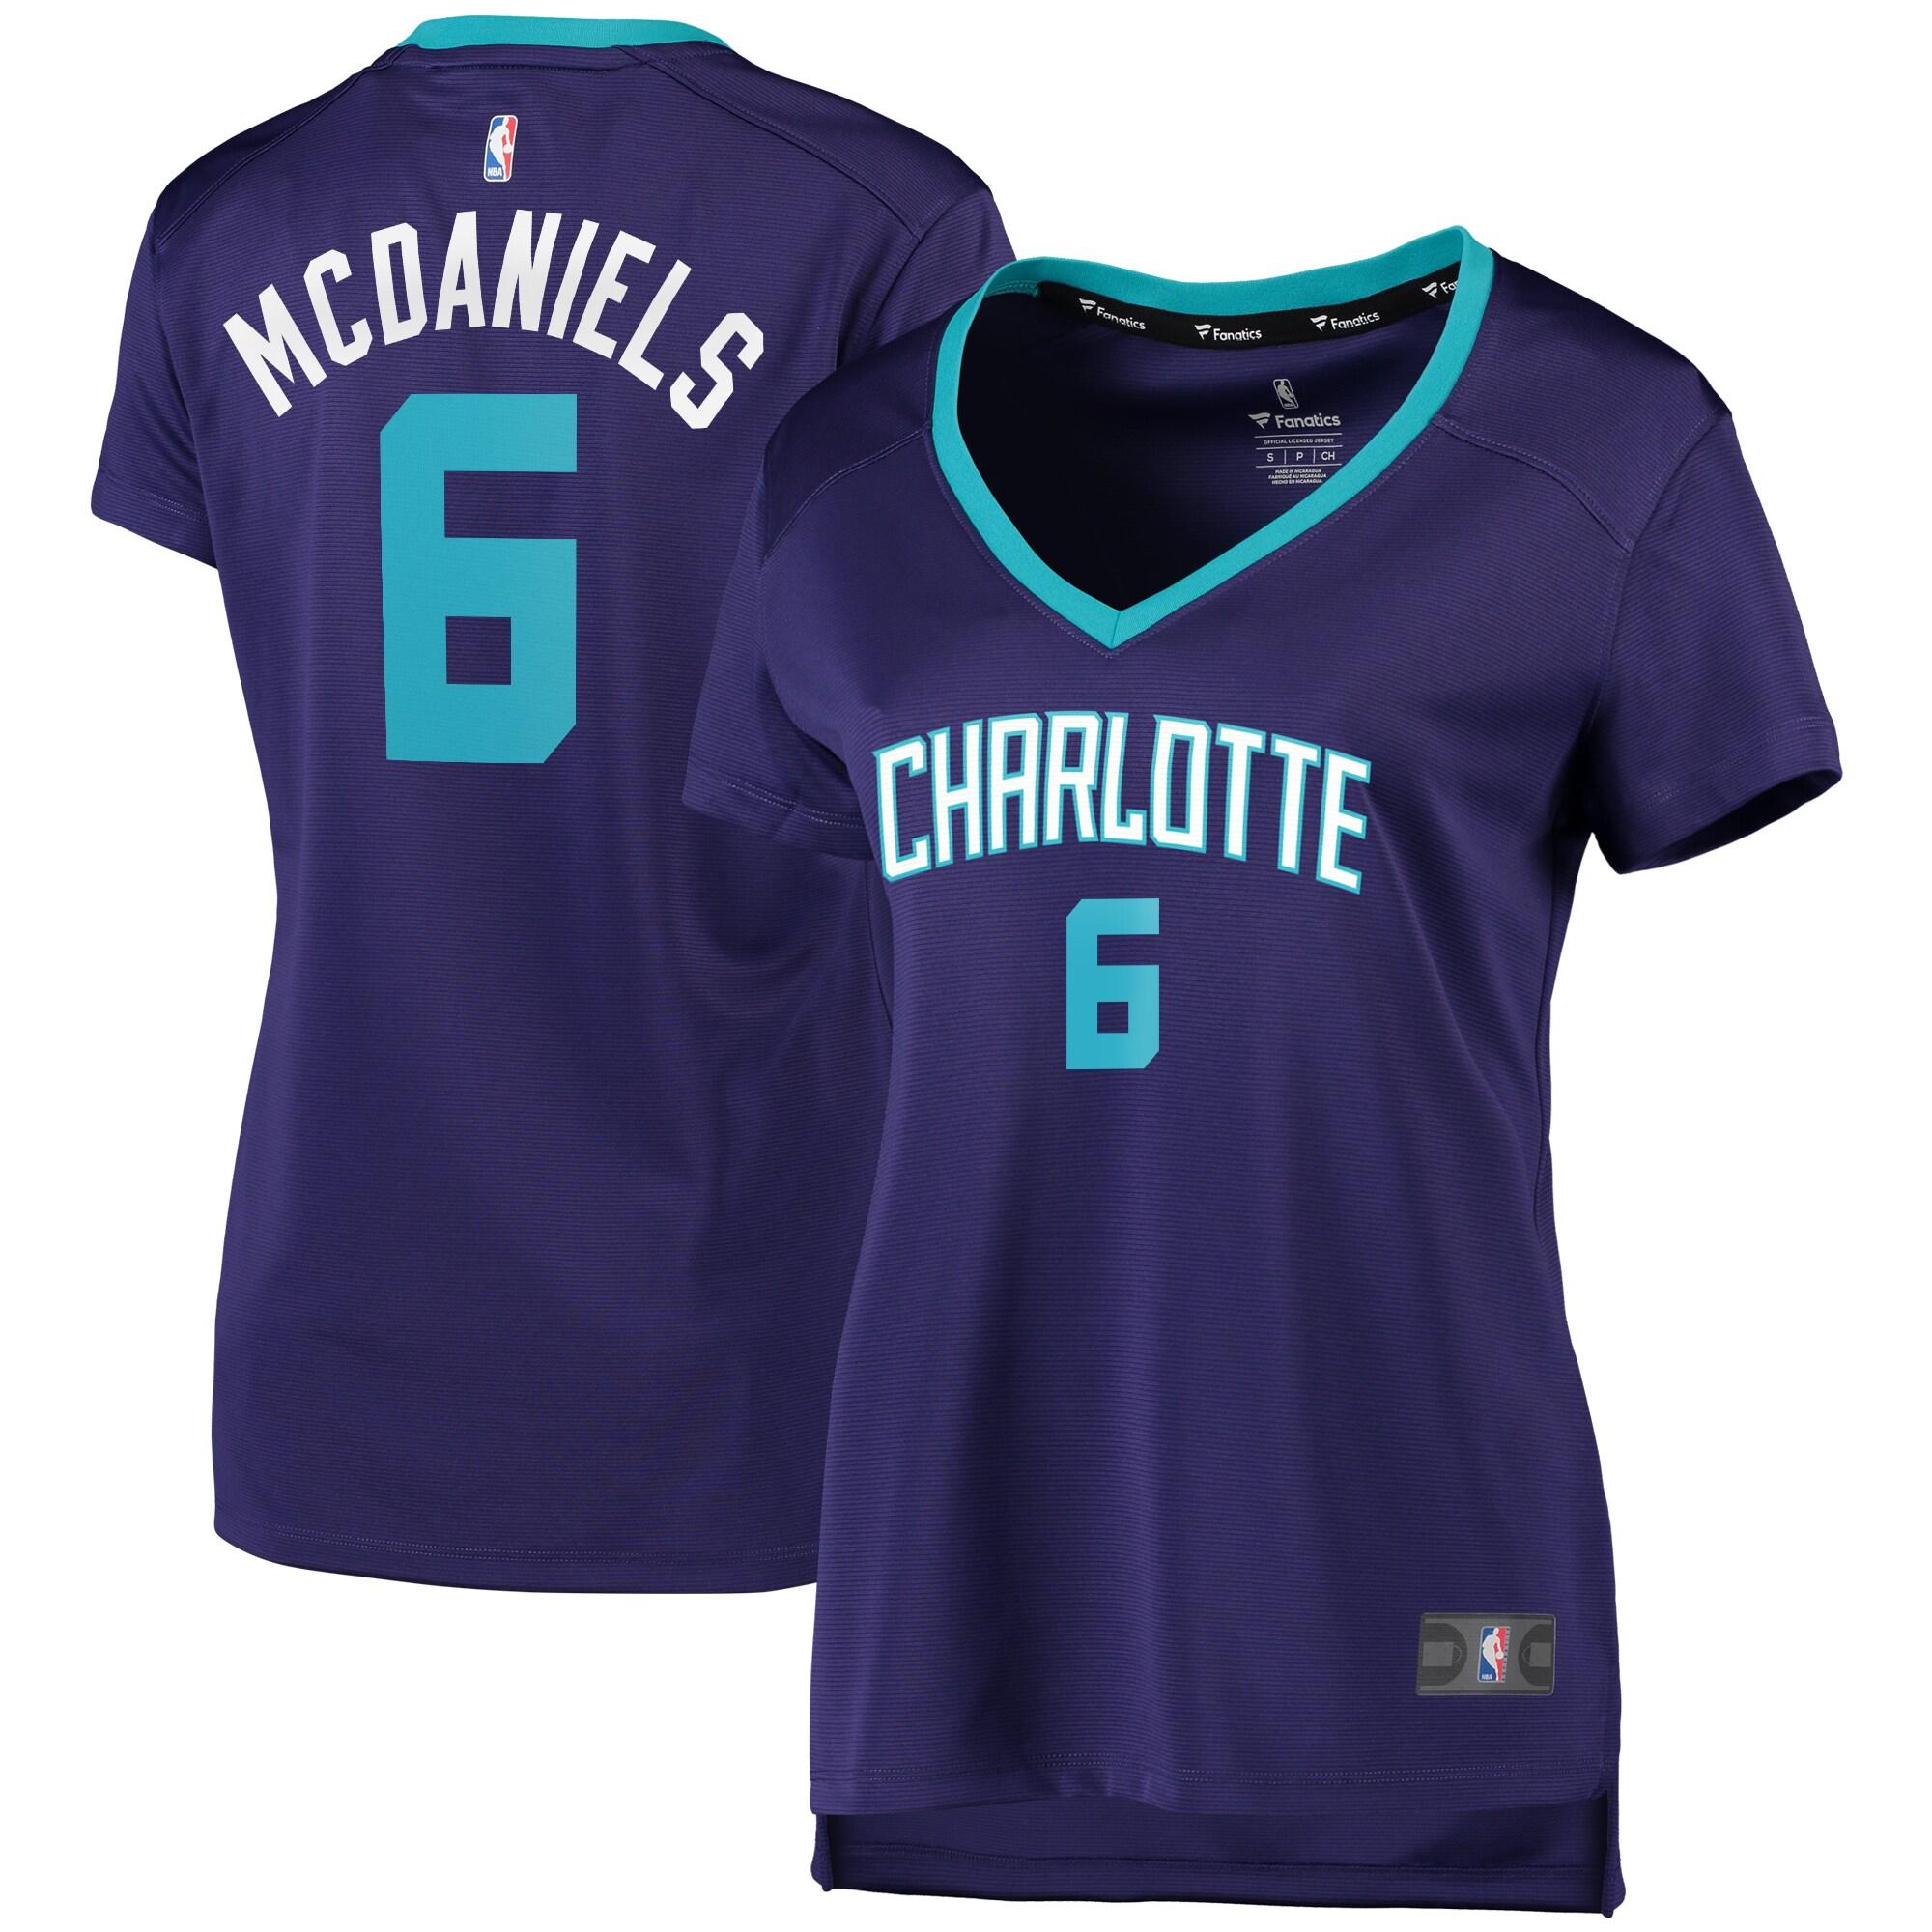 Jalen McDaniels Charlotte Hornets Fanatics Branded Women's Fast Break Player Jersey - Statement Edition - Purple